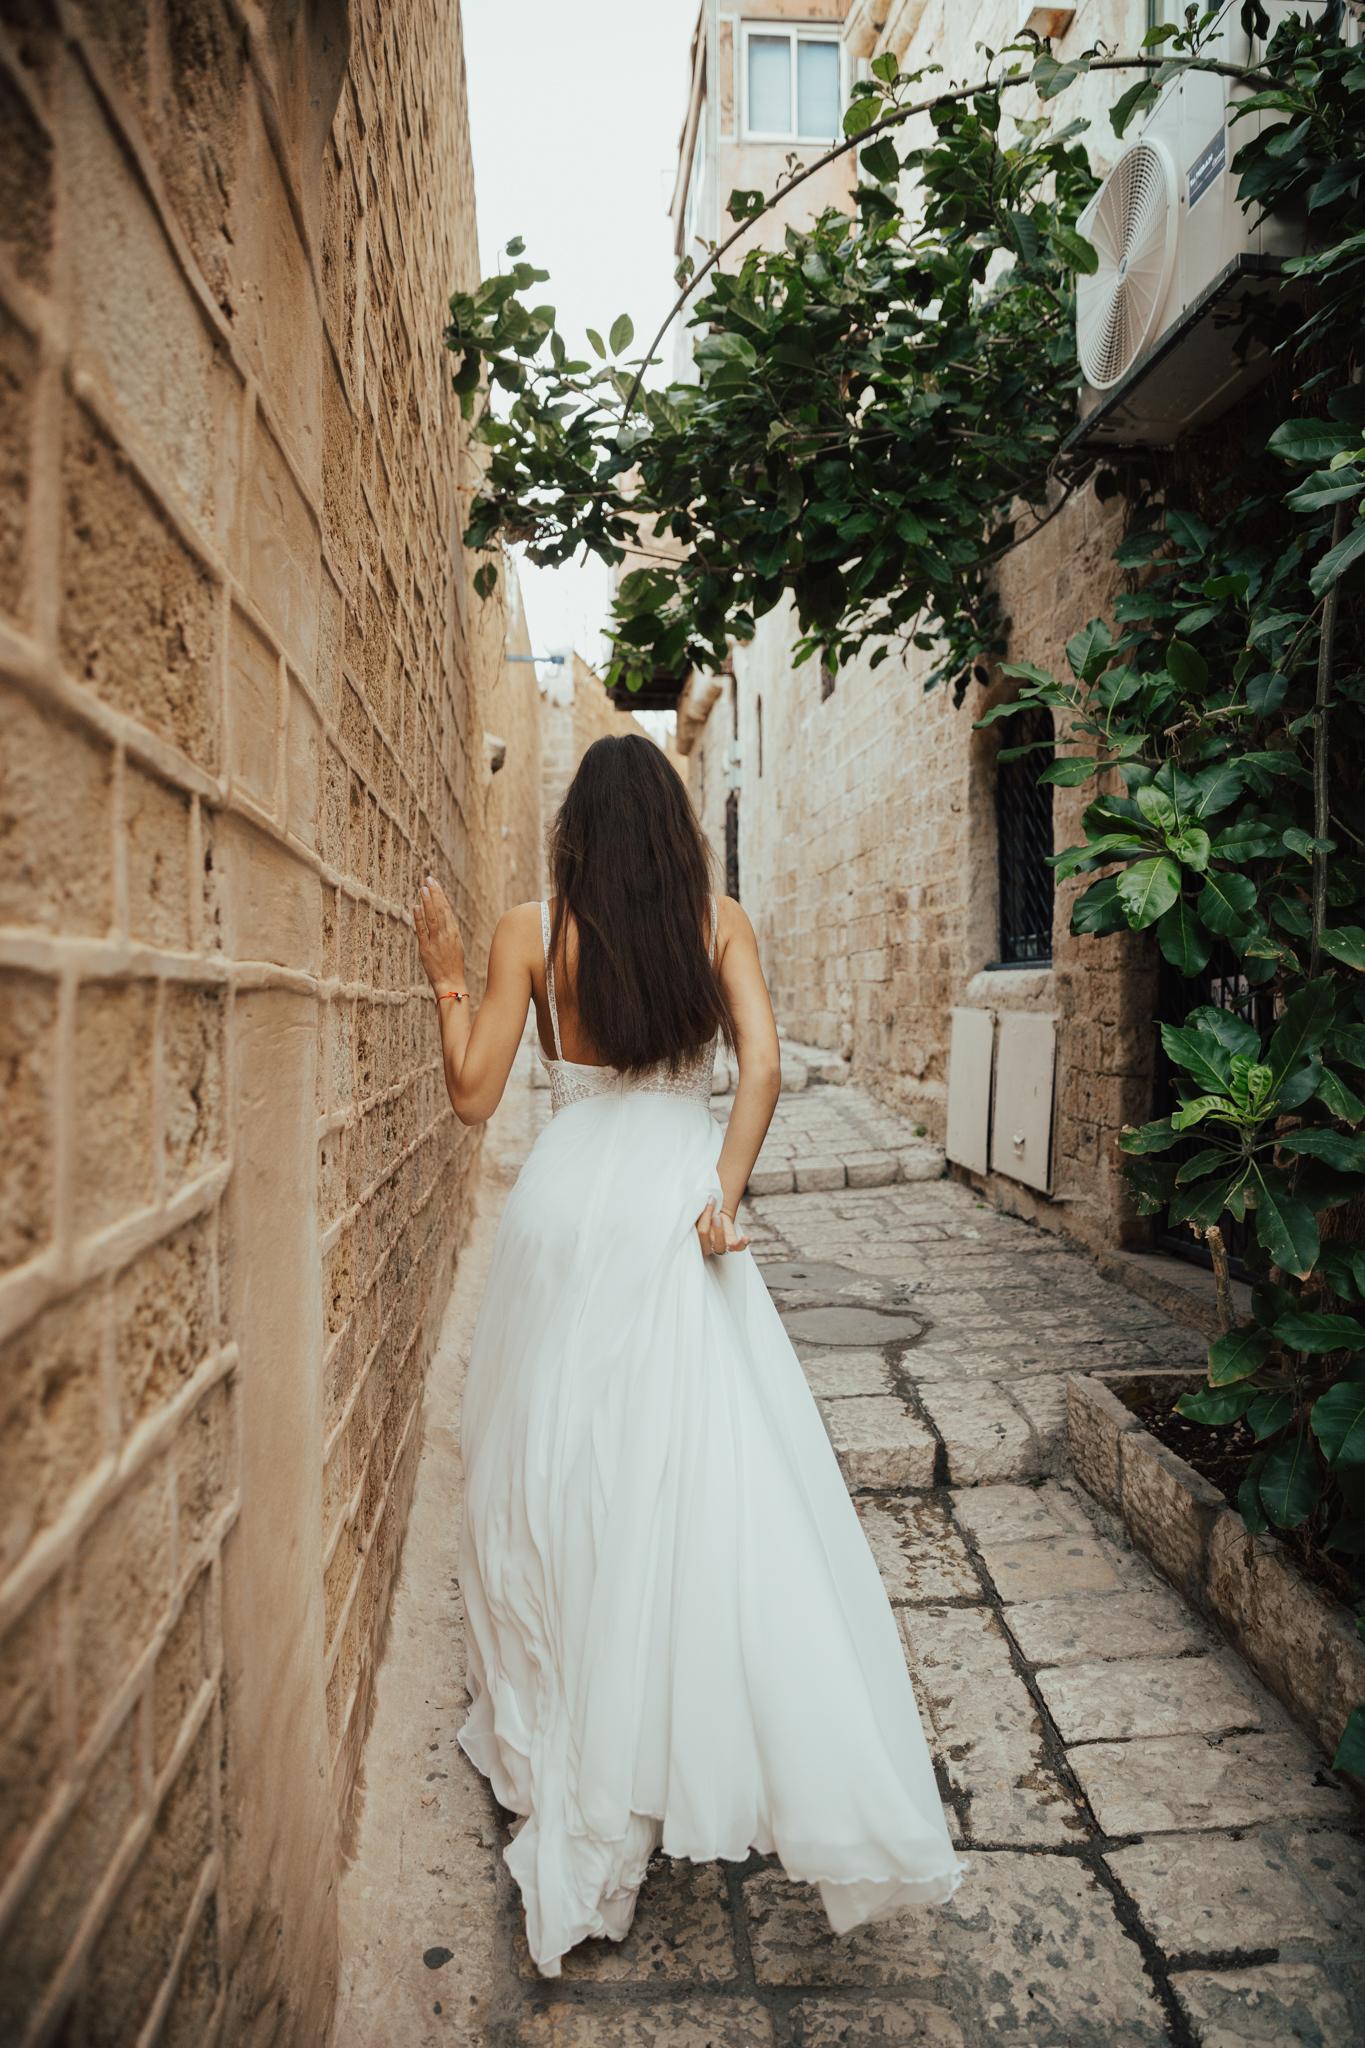 Italy romantic wedding